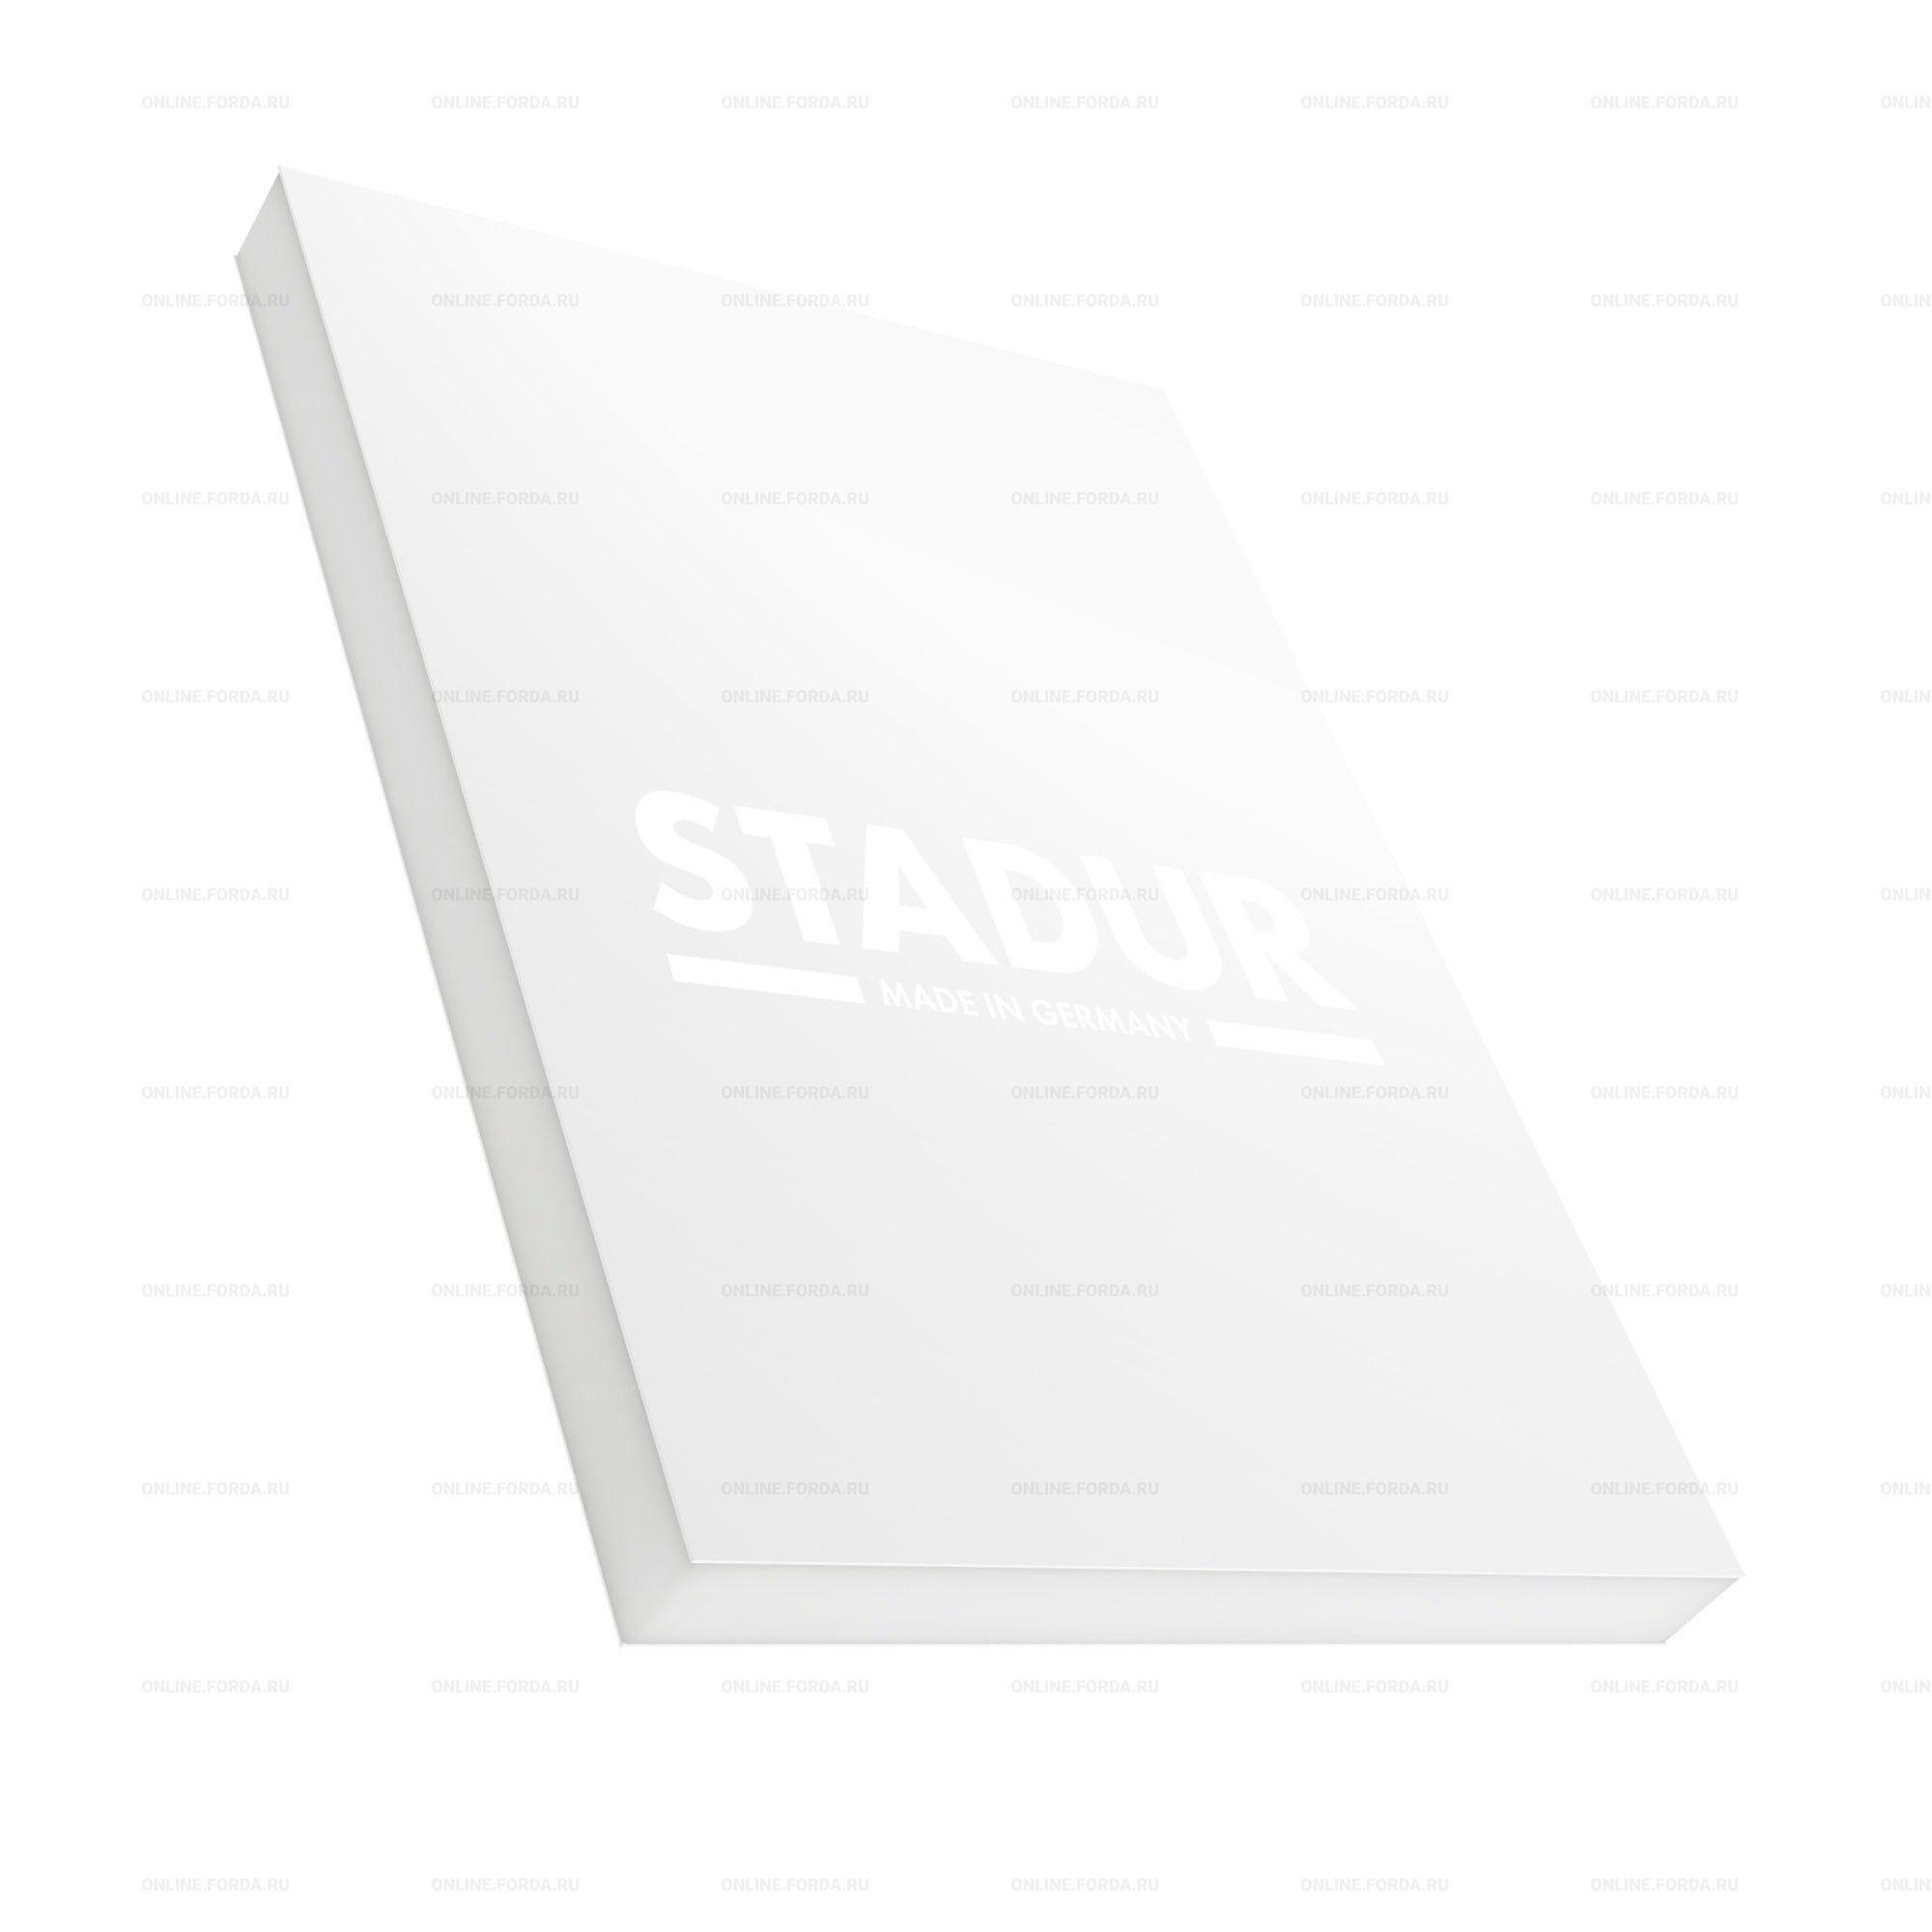 Лист Stadur Viscom Sign Easyprint